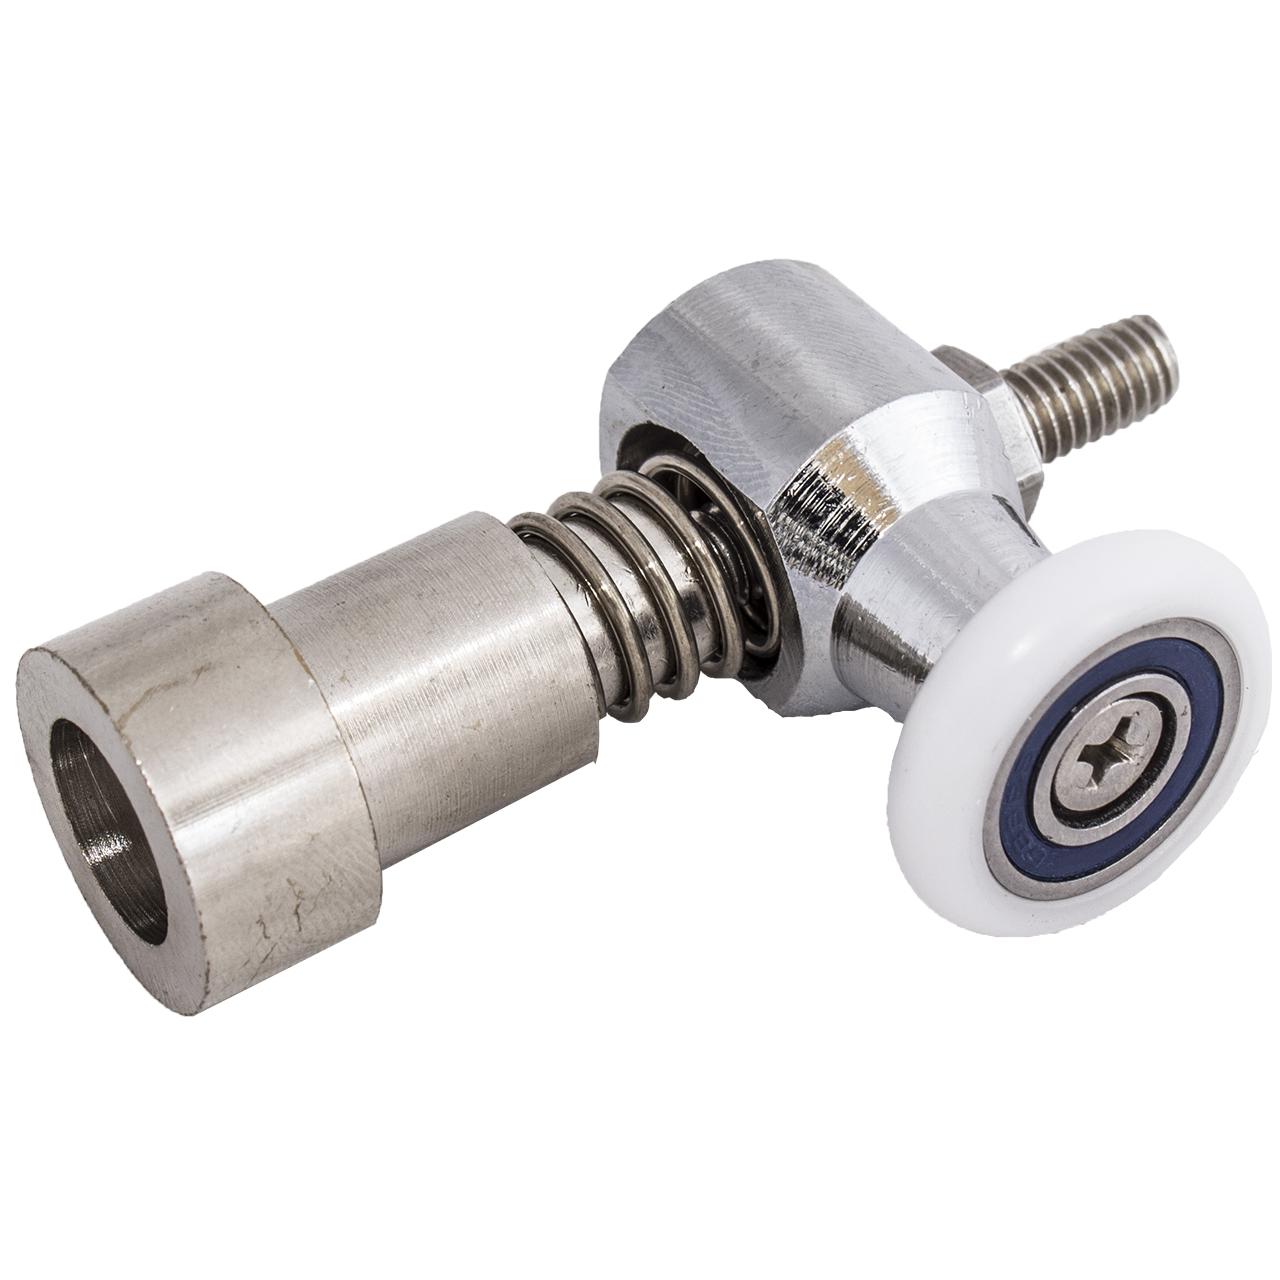 Ролик душової кабіни нижній, металевий, одинарний, натискної, ( До-65 )